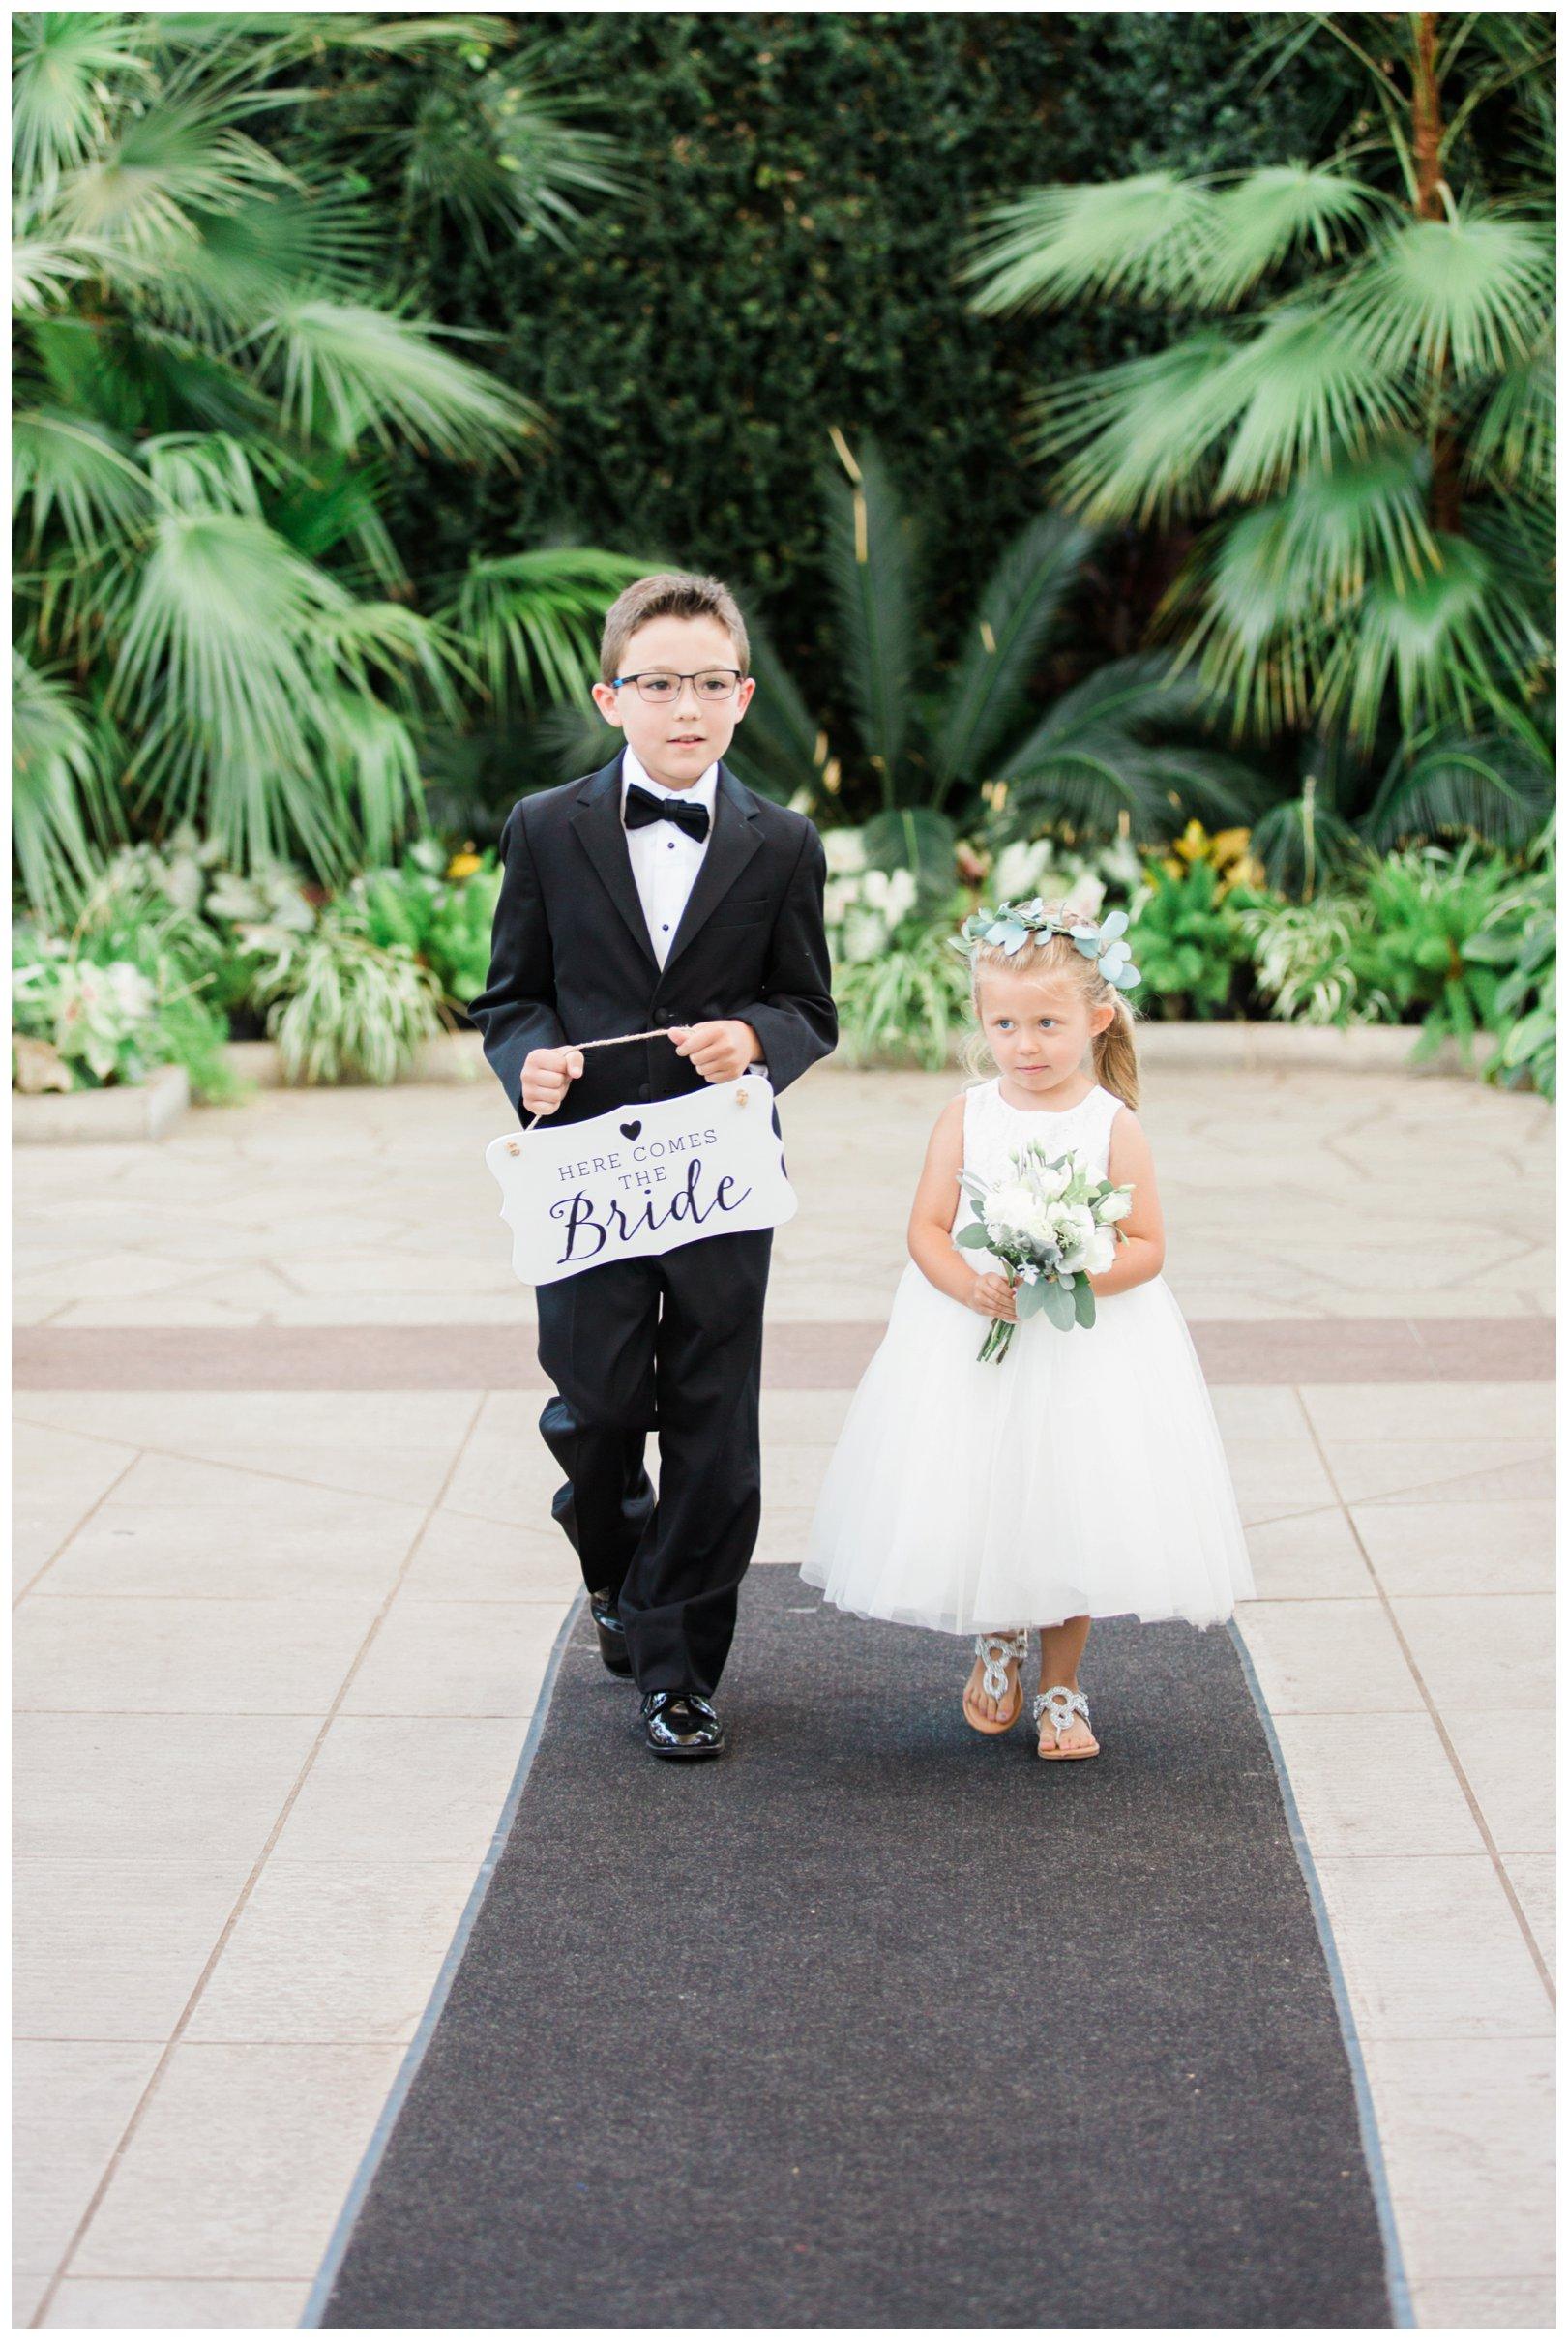 lauren muckler photography_fine art film wedding photography_st louis_photography_1297.jpg